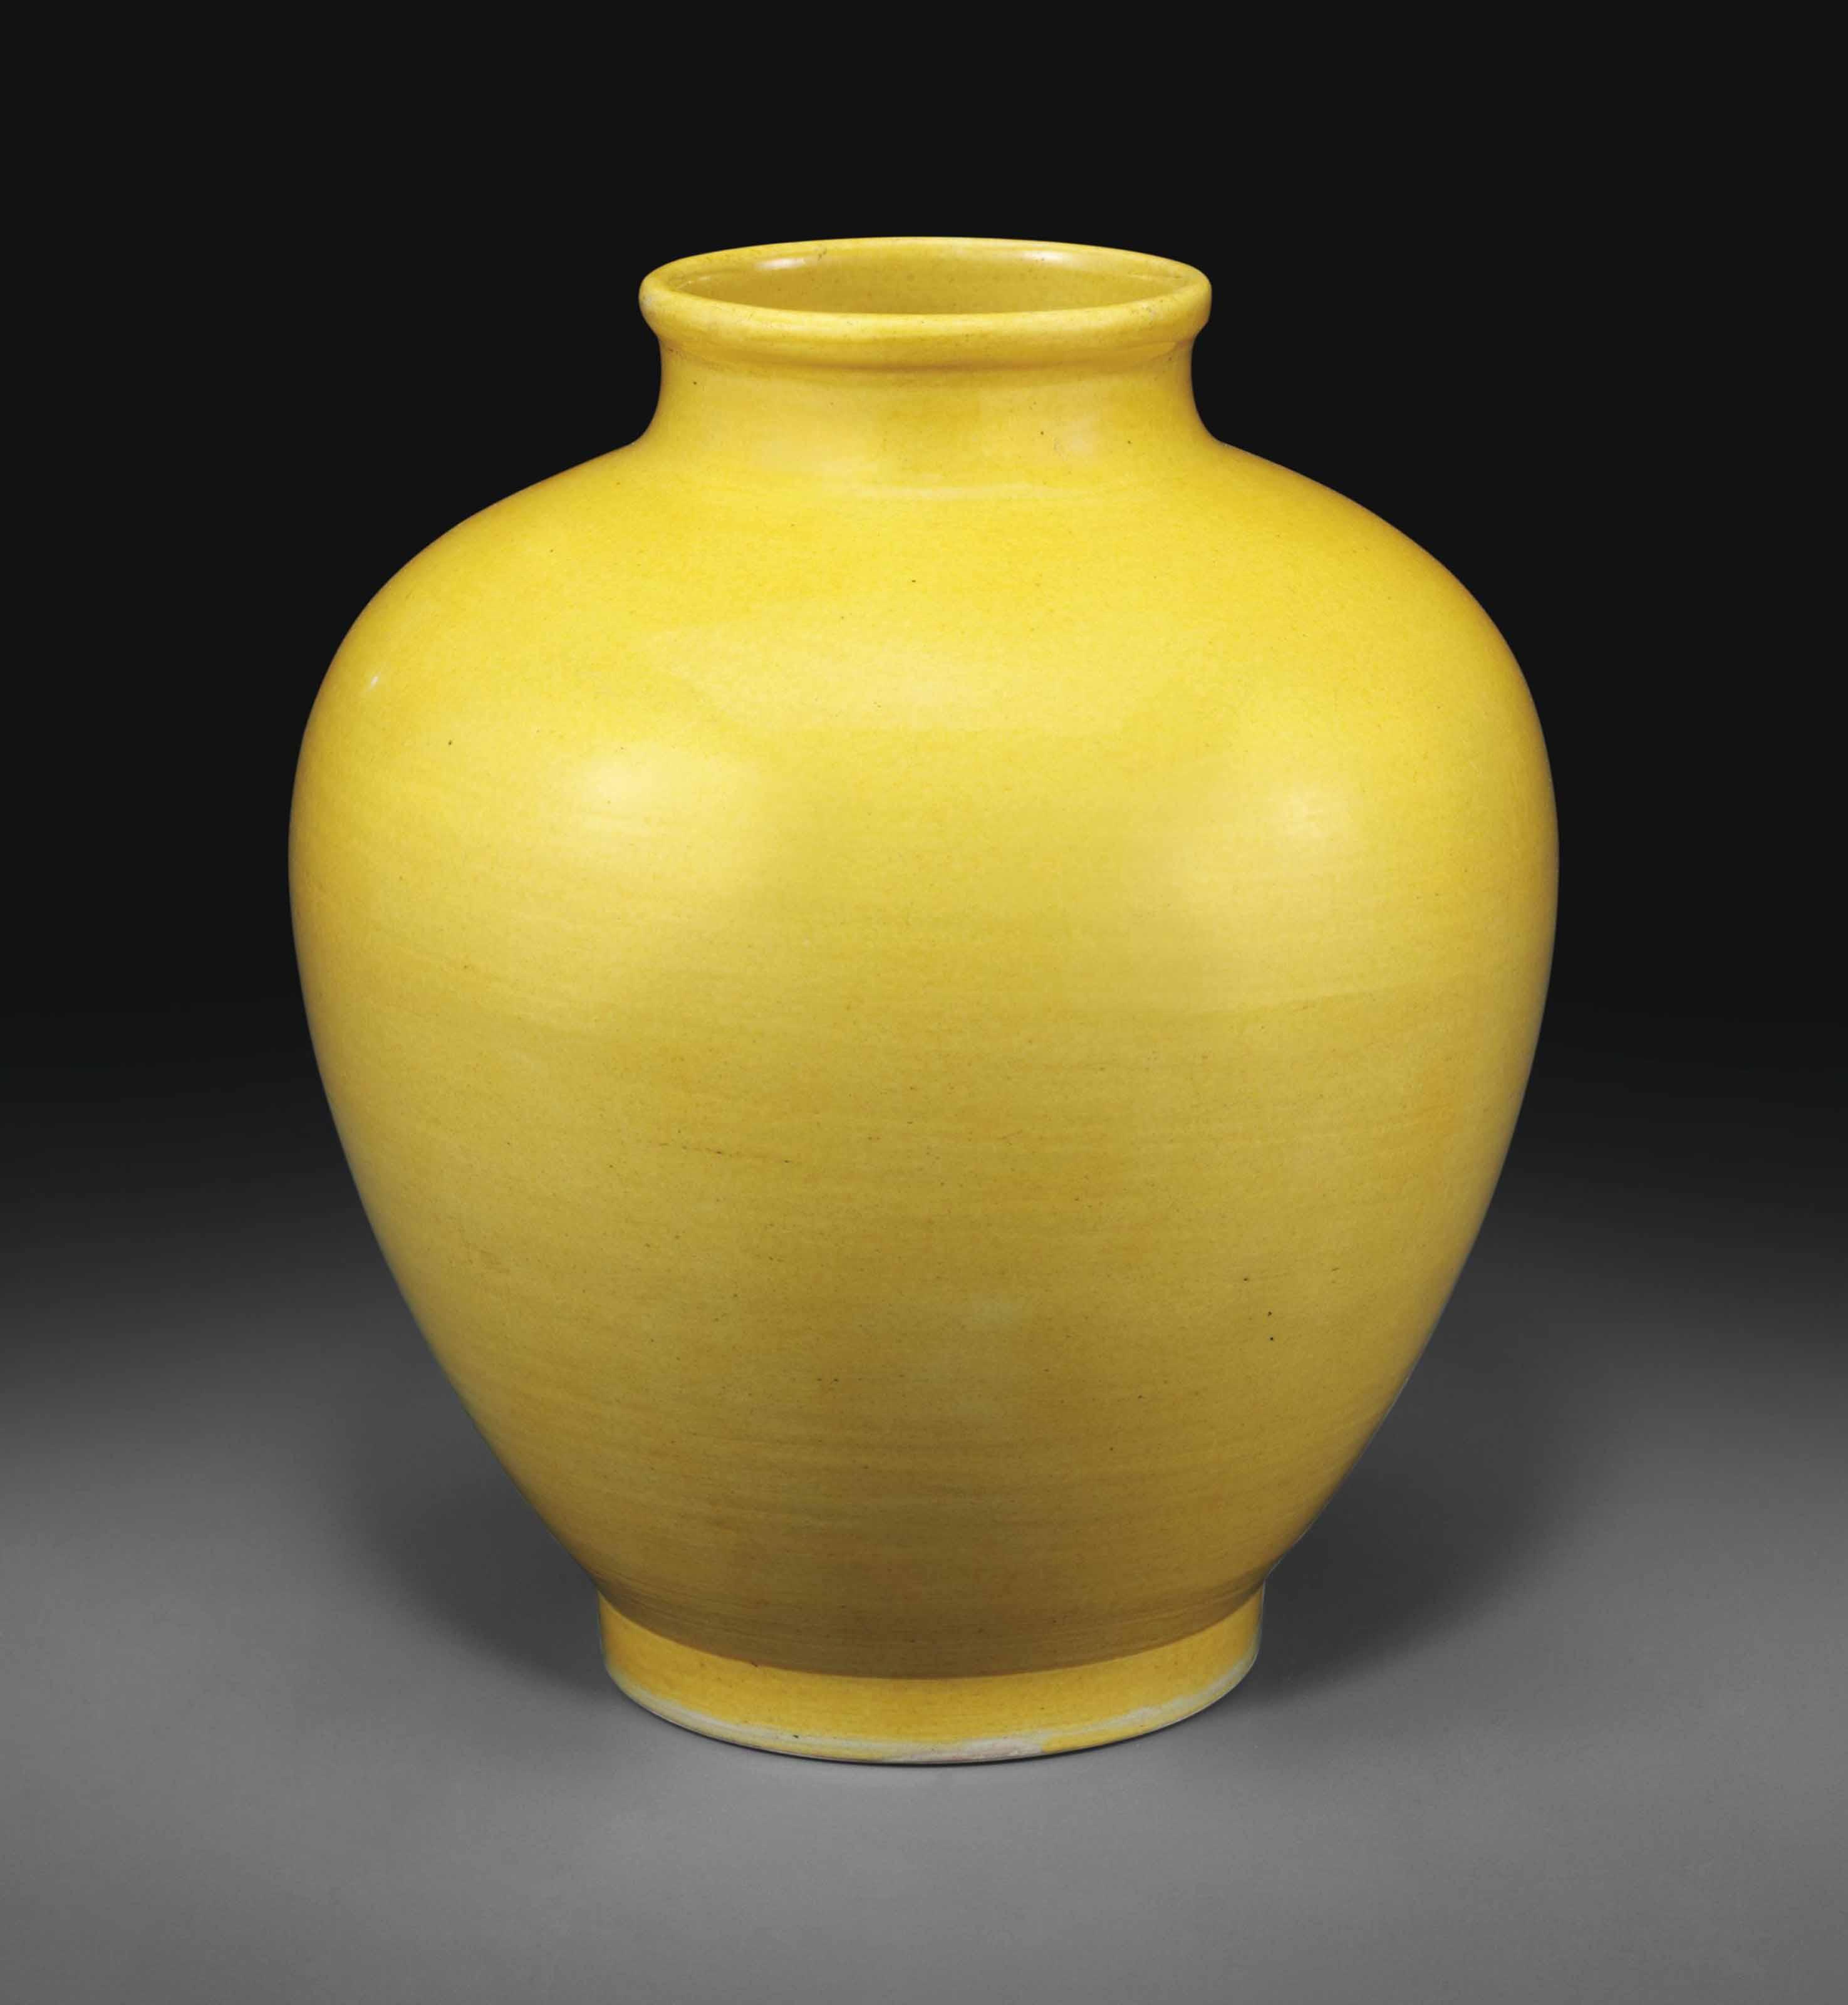 A YELLOW-GLAZED JAR